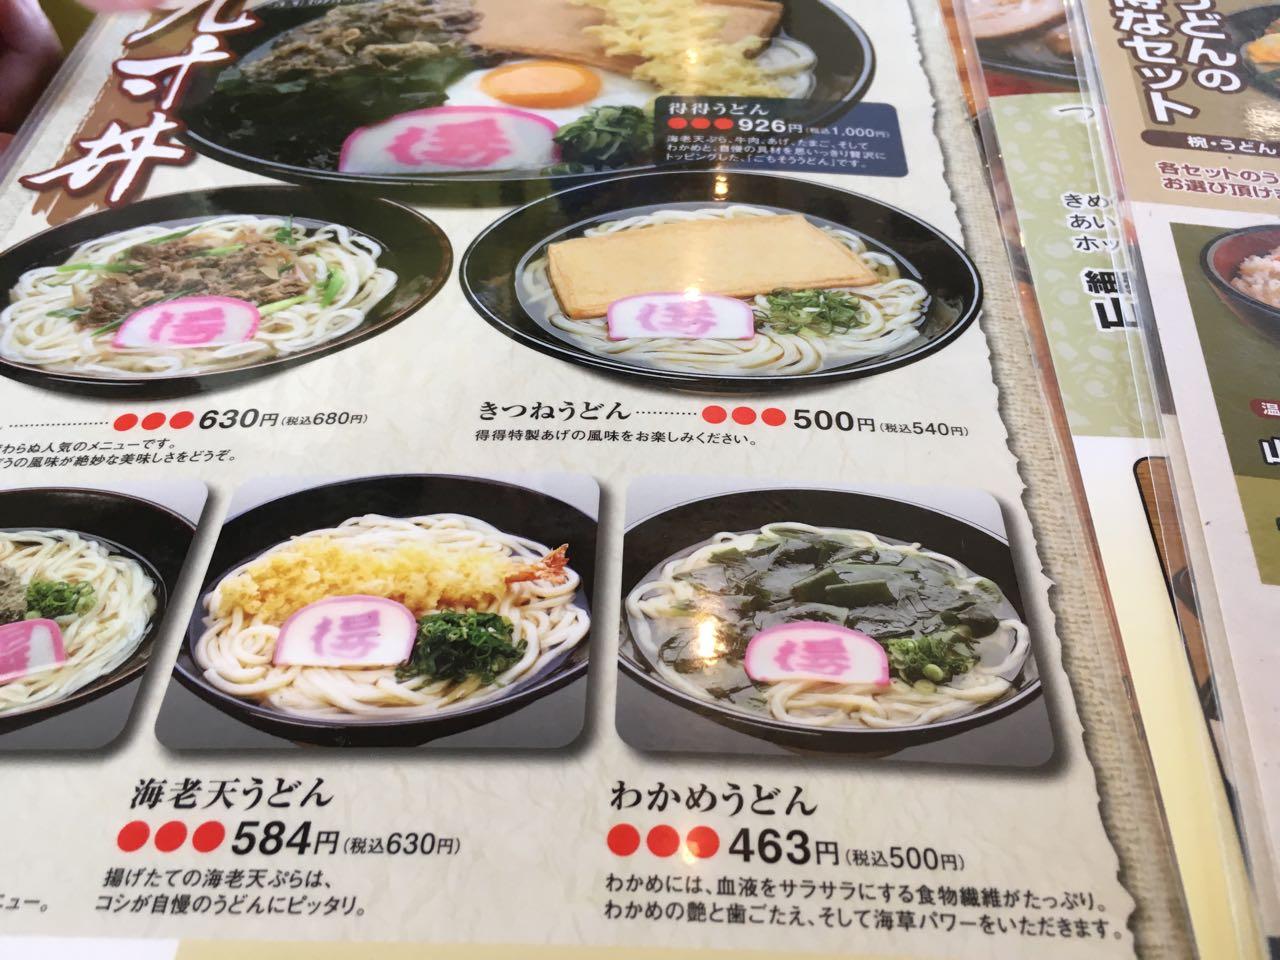 みとん今治,得々,うどん,恵美須町,ランチ